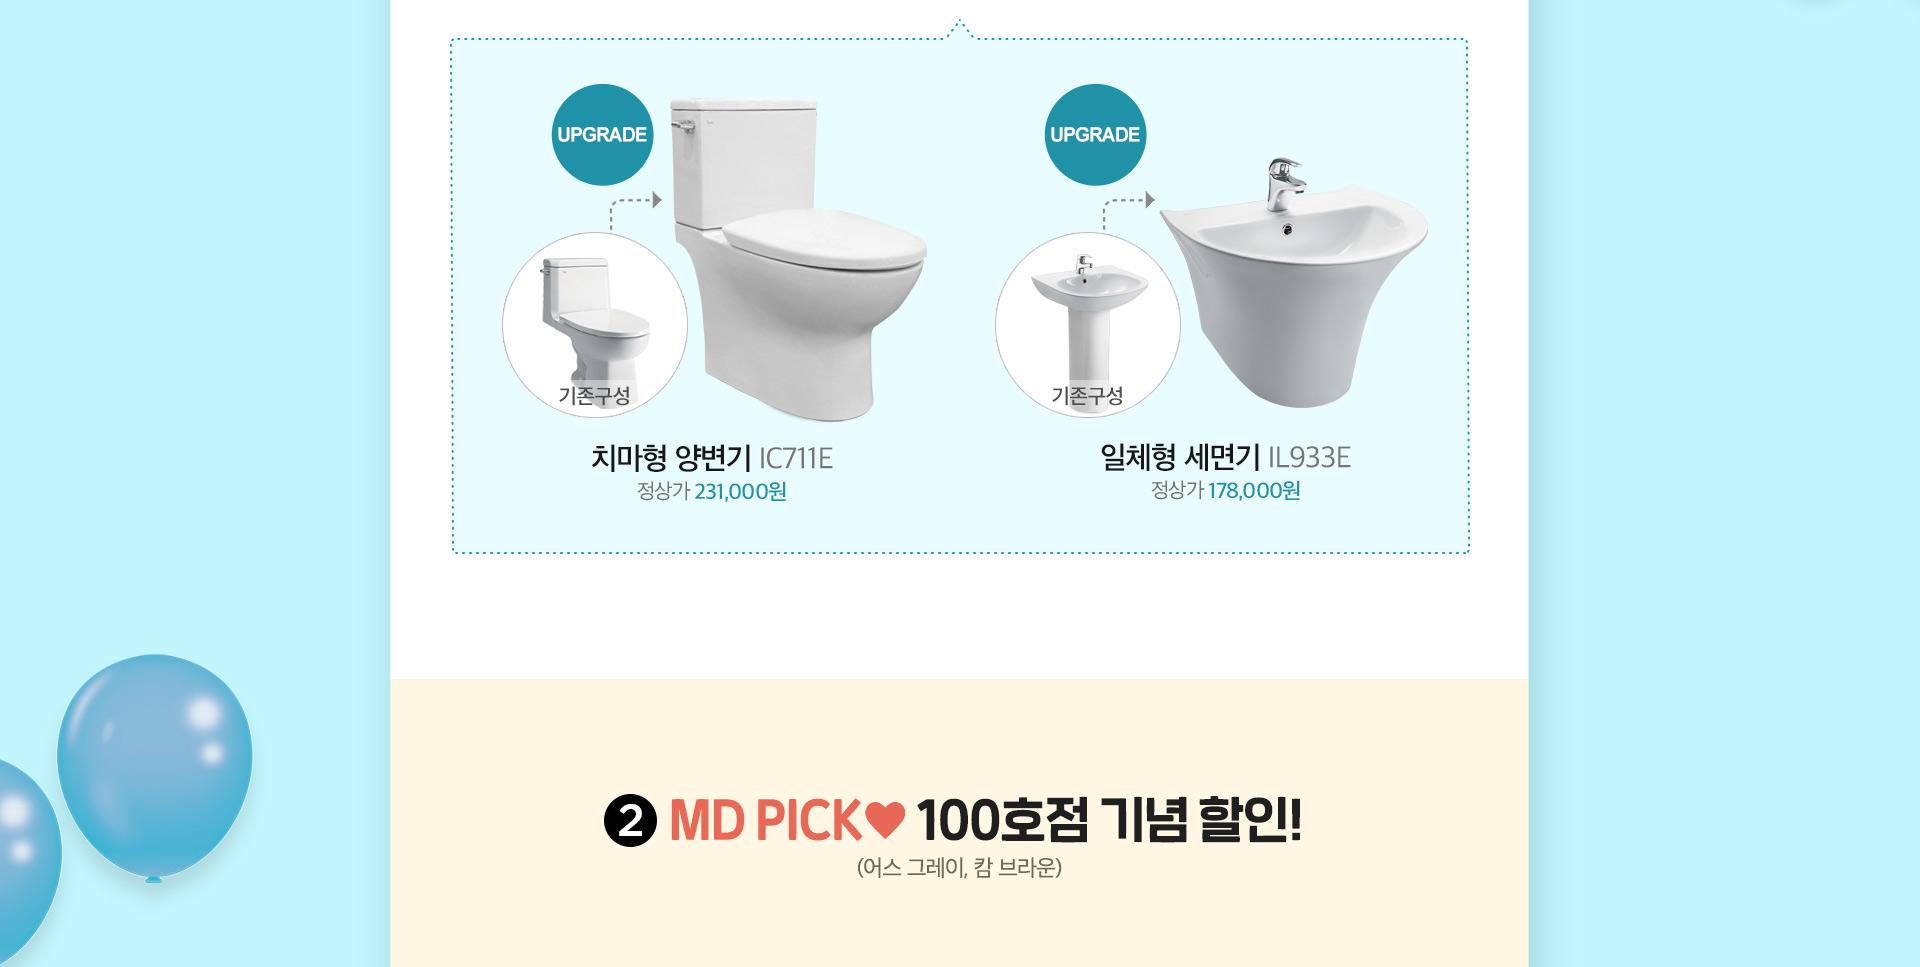 양변기, 세면기 업그레이드 혜택상품 4종